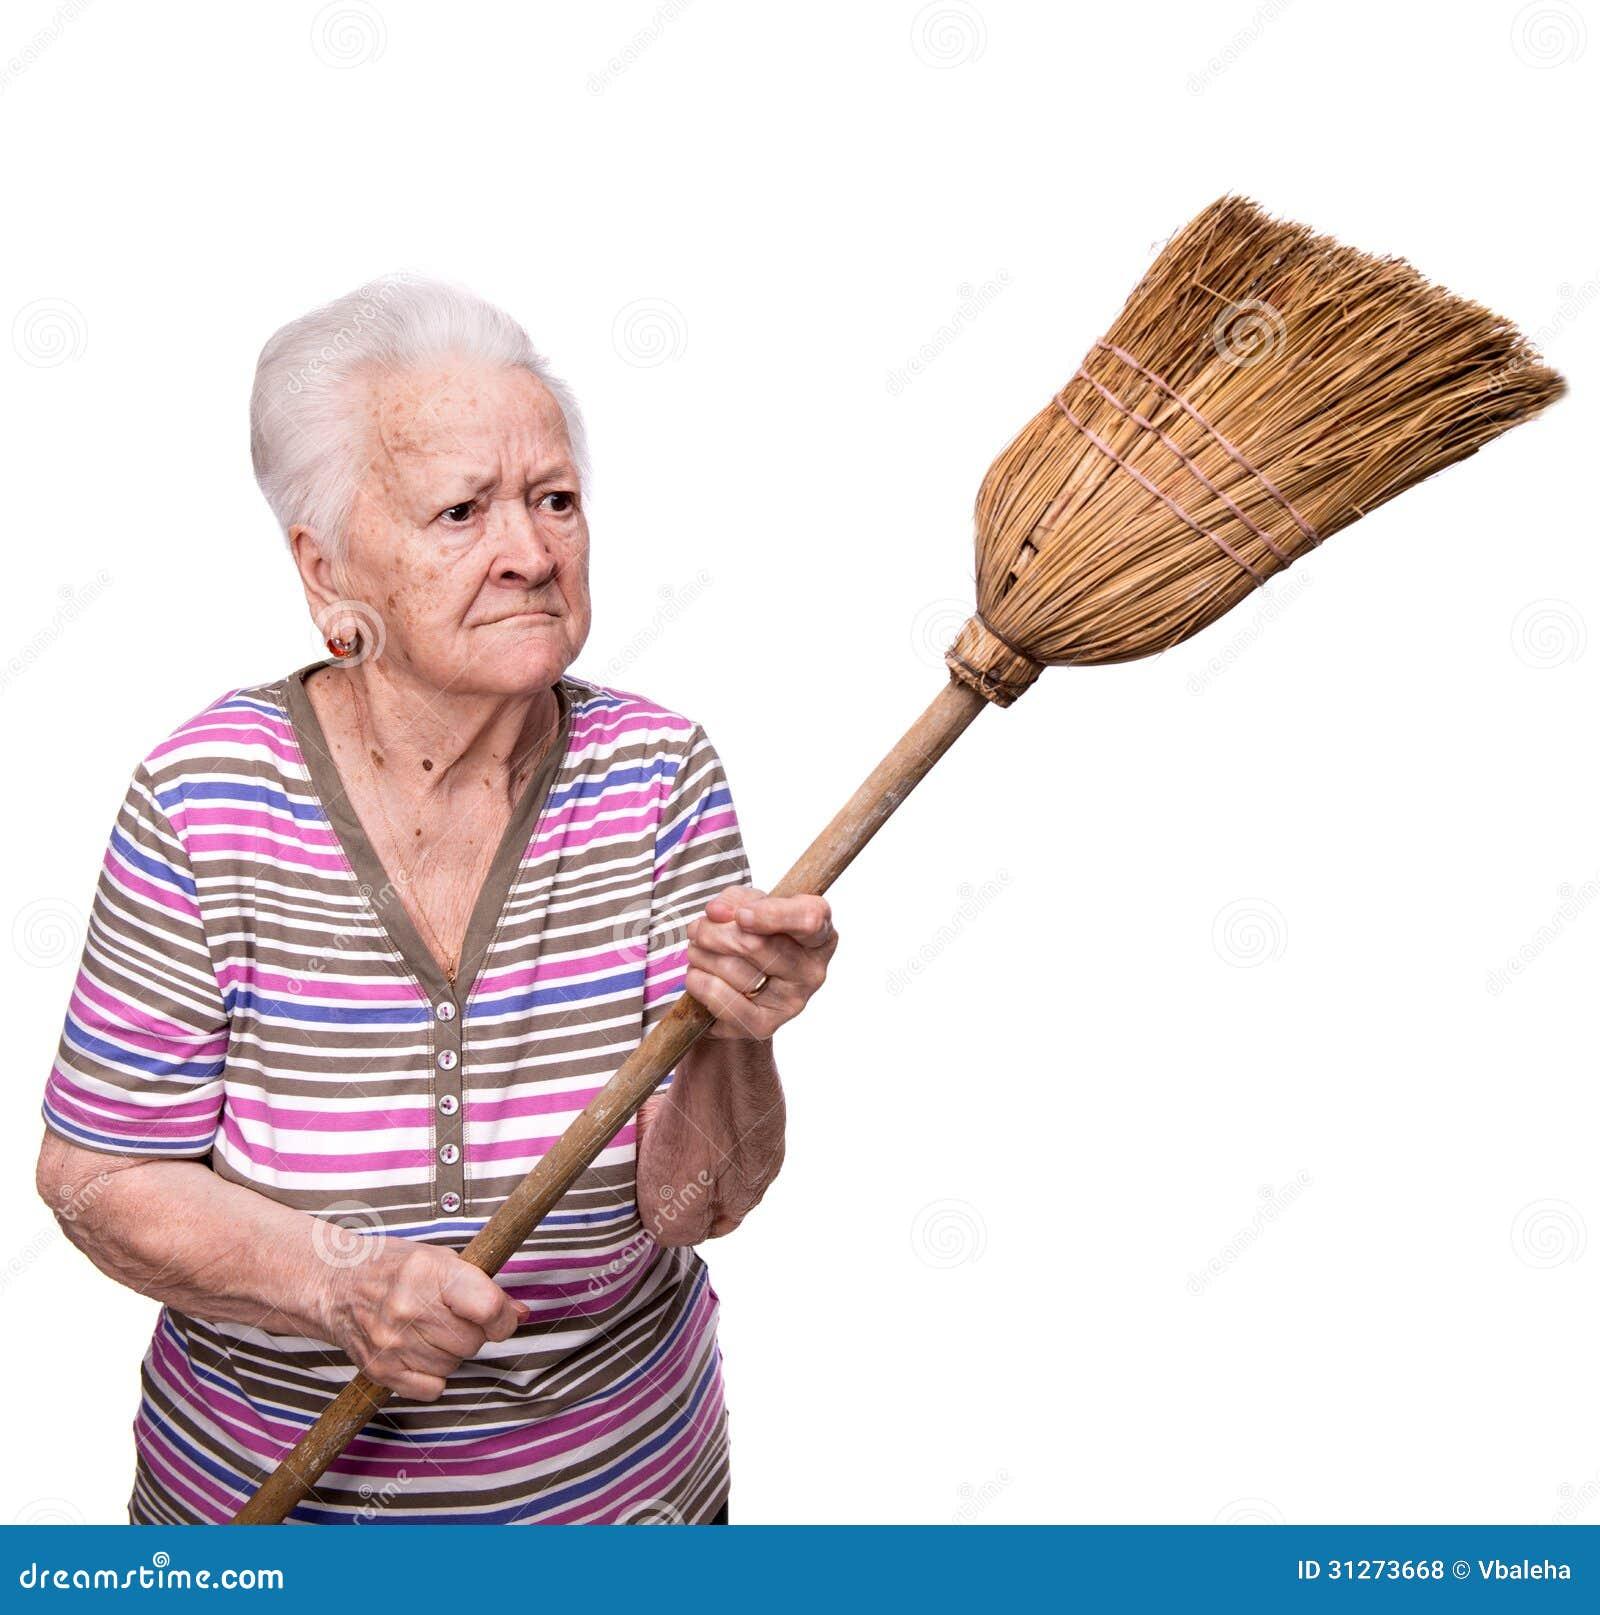 scopa nonna videi gay gratis